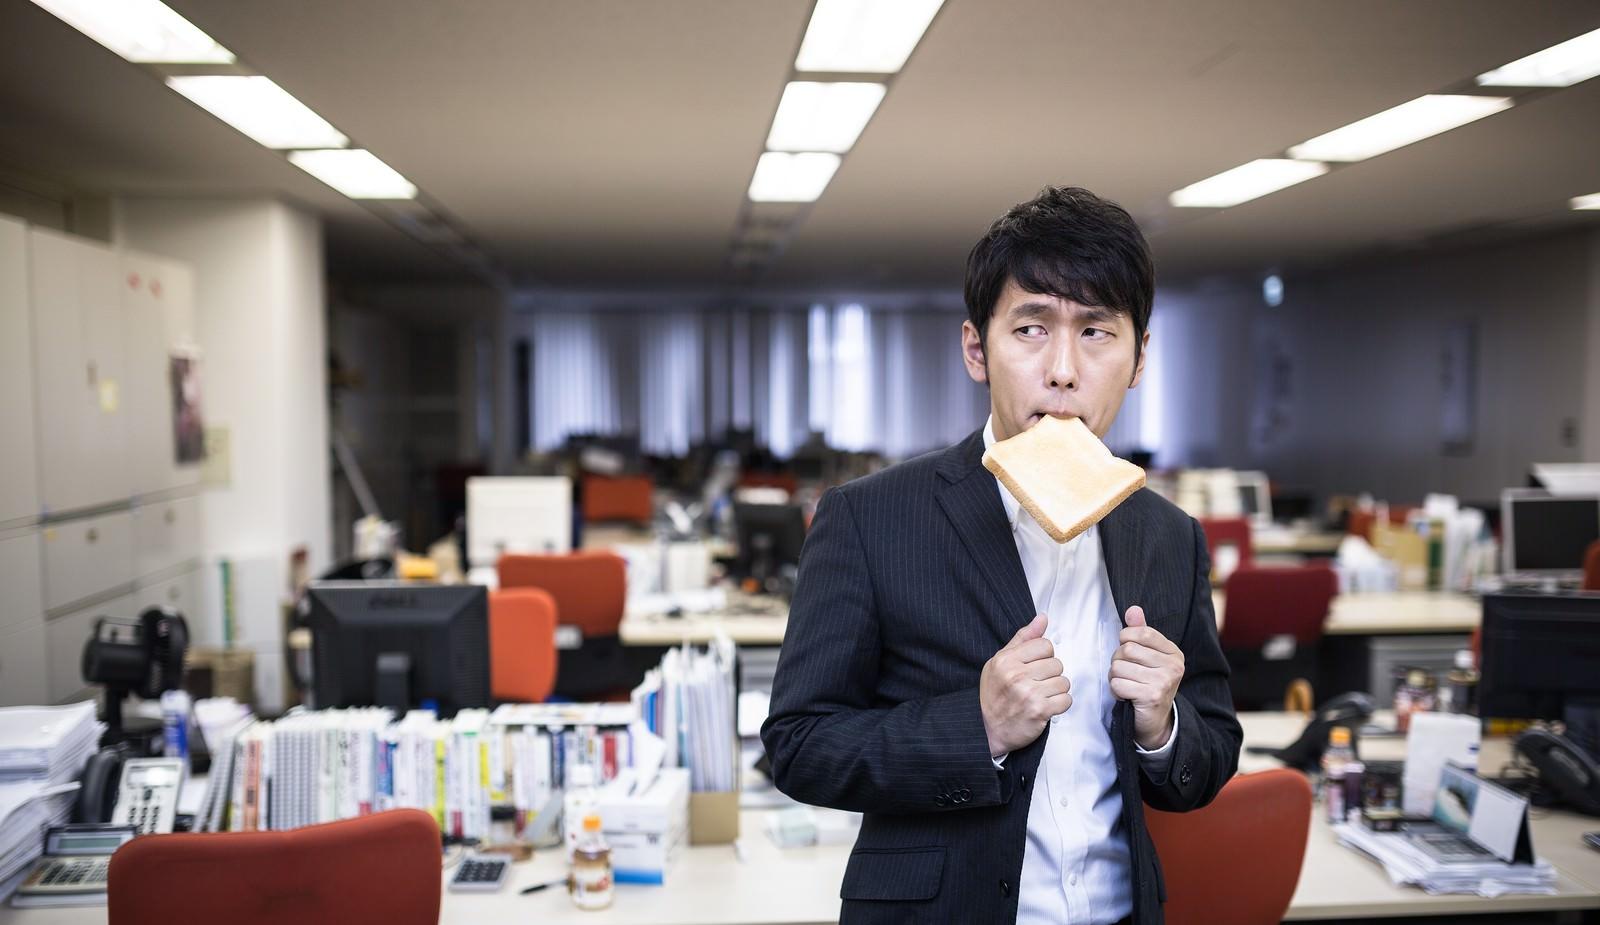 「残業中トーストを食べ気合を入れる新卒社員残業中トーストを食べ気合を入れる新卒社員」[モデル:大川竜弥]のフリー写真素材を拡大